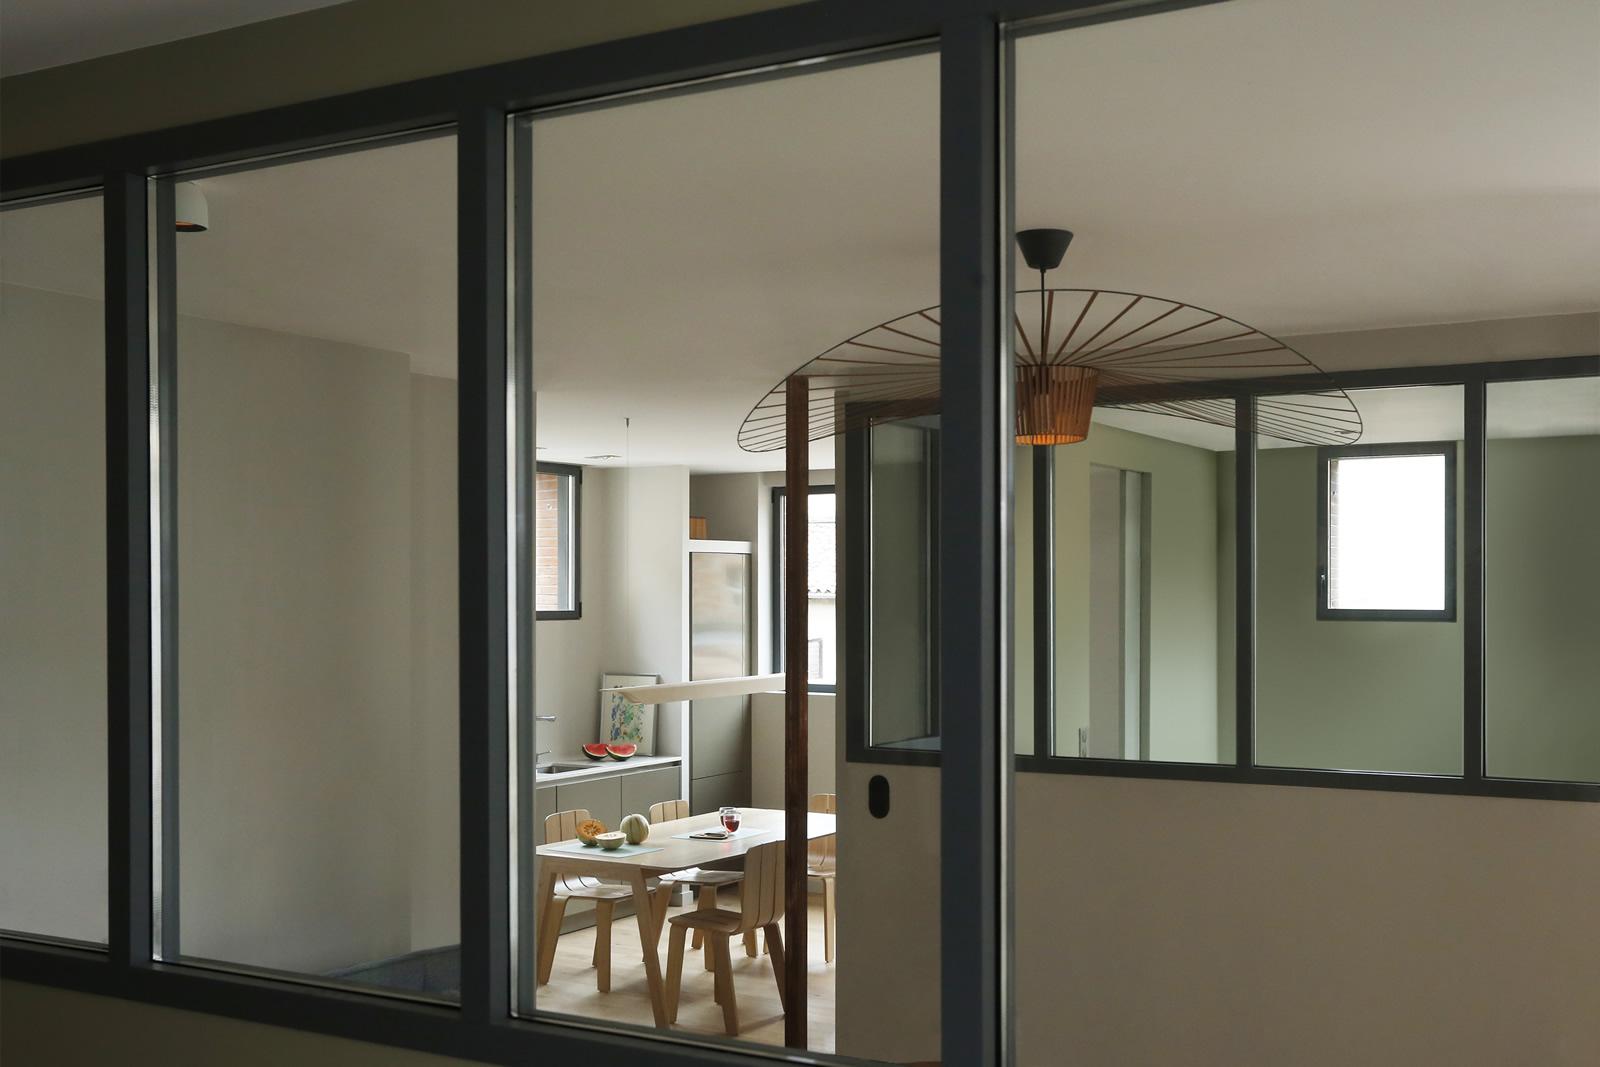 Appartement de Toulouse - Le couloir